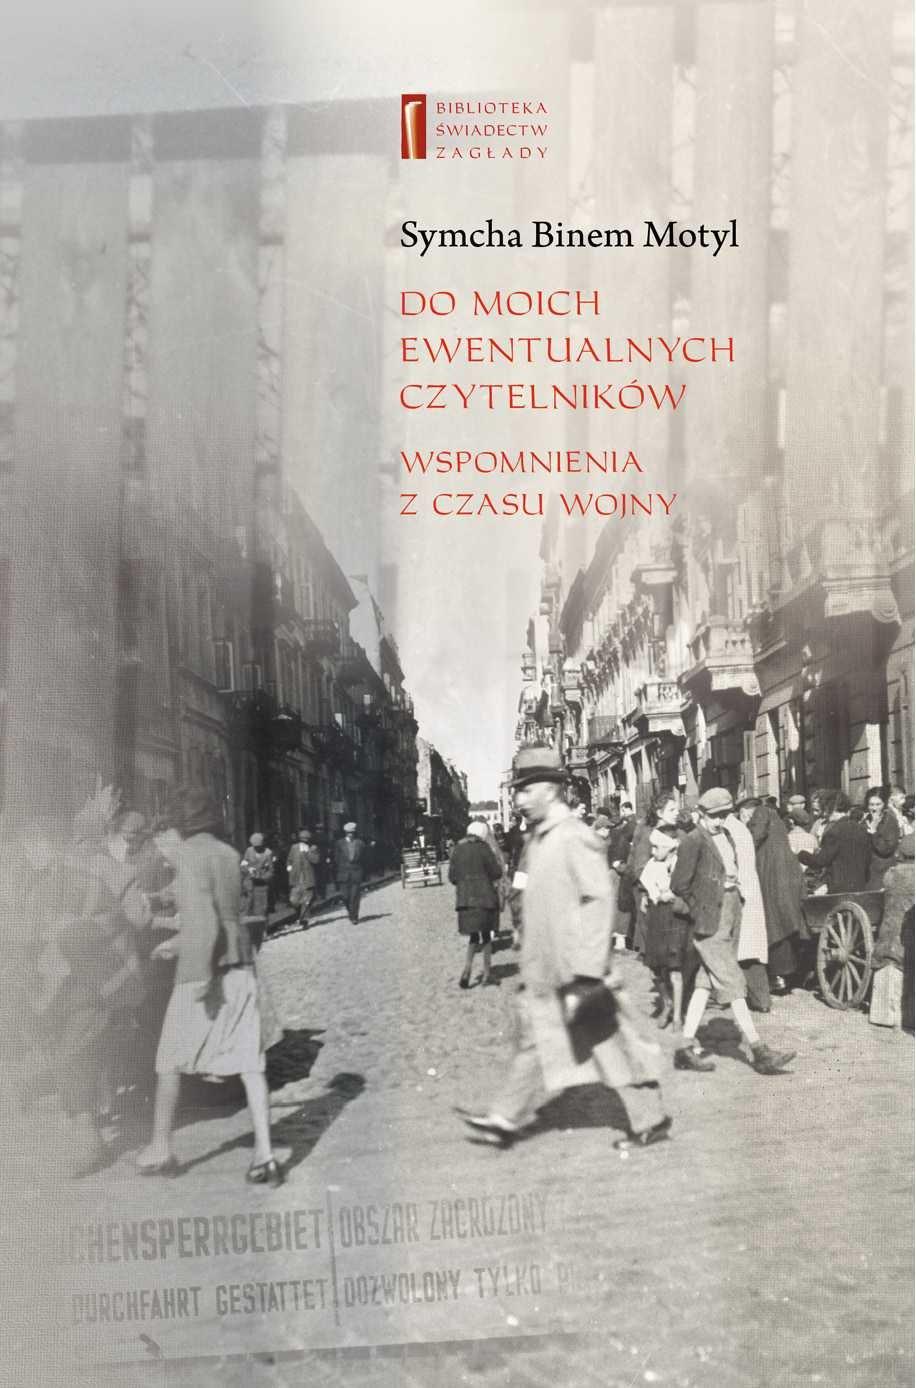 Do moich ewentualnych czytelników. Wspomnienia z czasu wojny - Ebook (Książka na Kindle) do pobrania w formacie MOBI